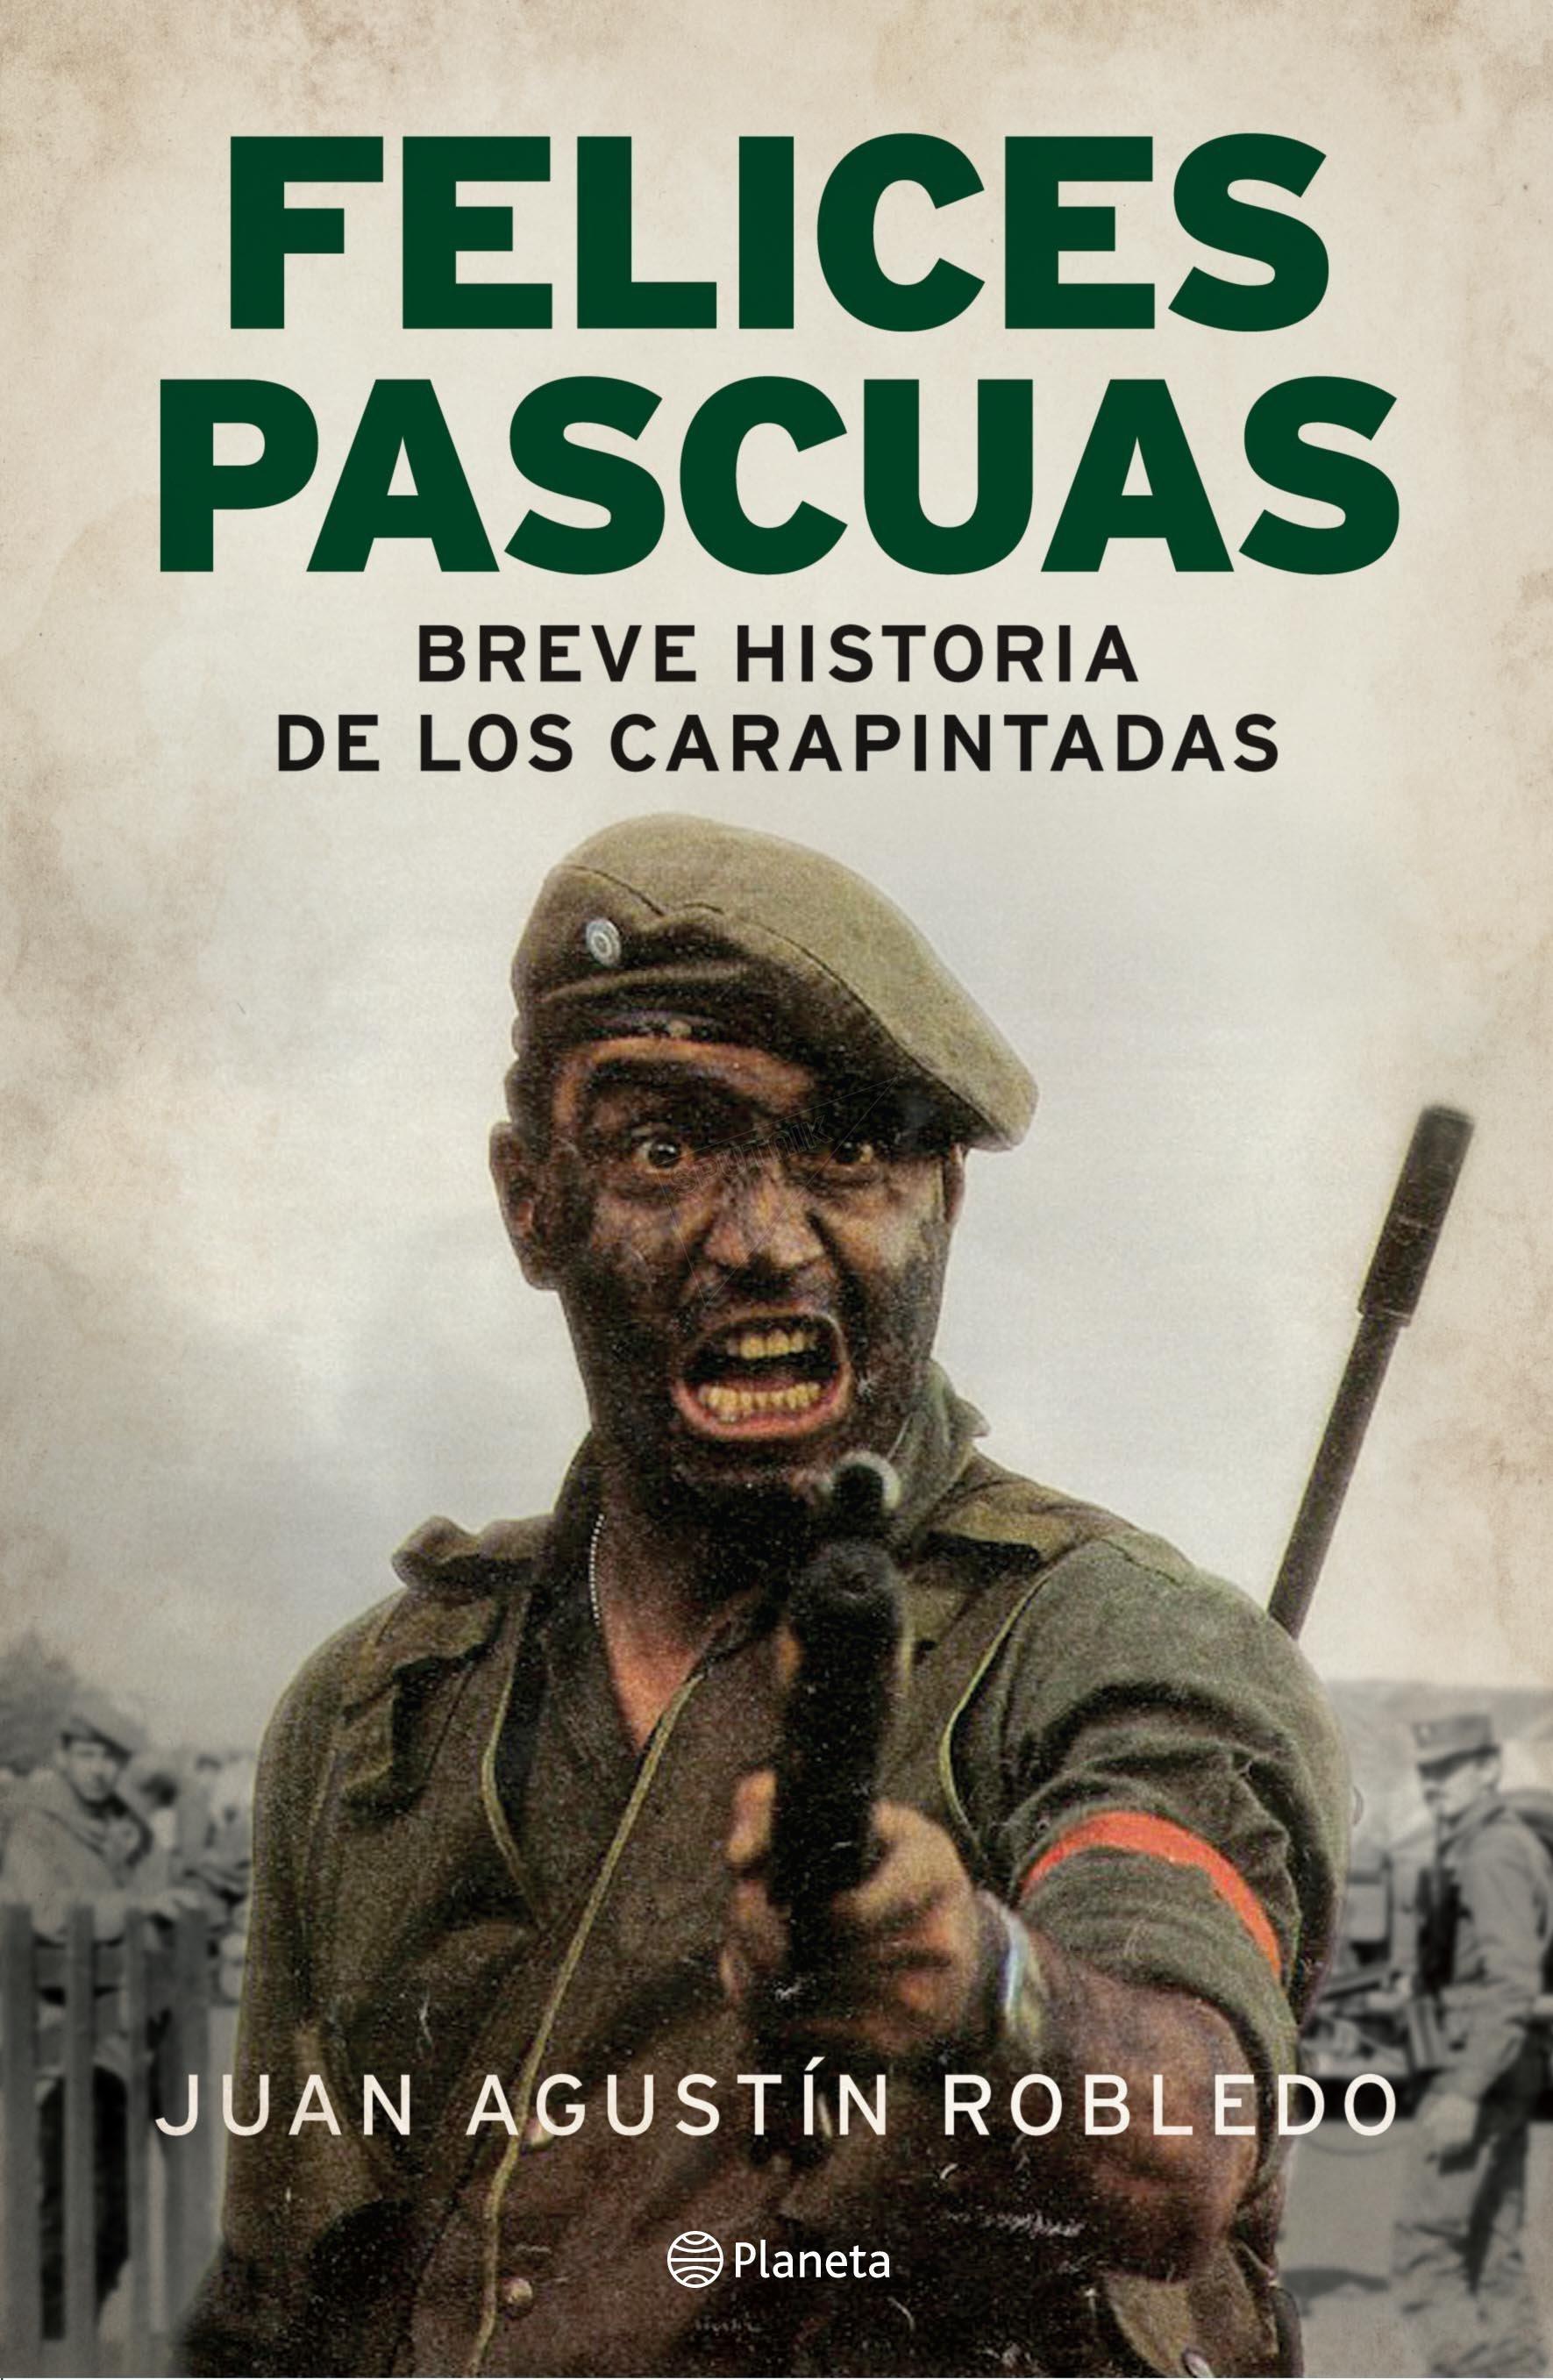 Libro de Juan Agustín Robledo